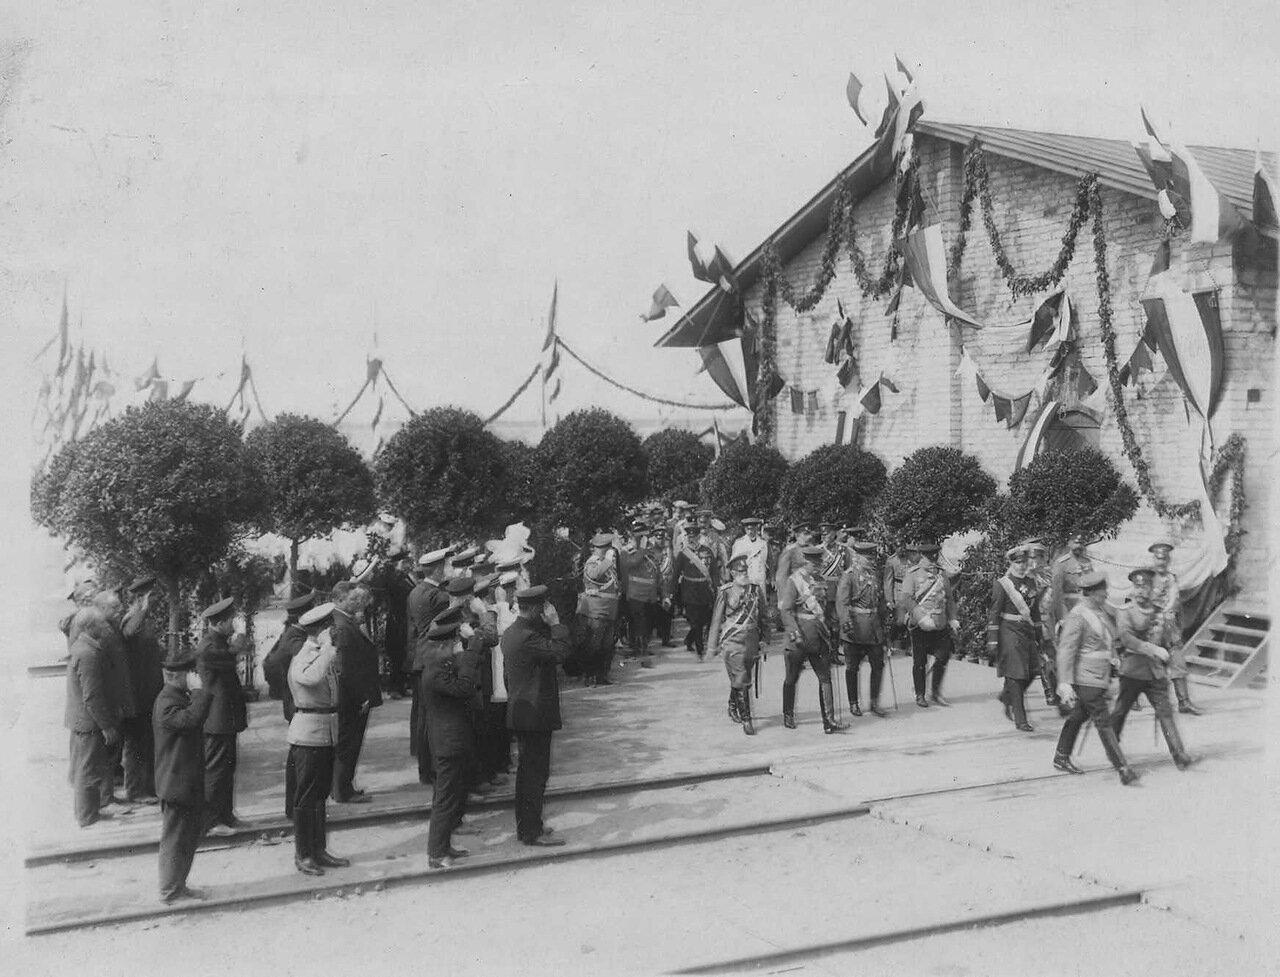 37.Император Николай II и сопровождающие его лица направляются для встречи германского императора Вильгельма II